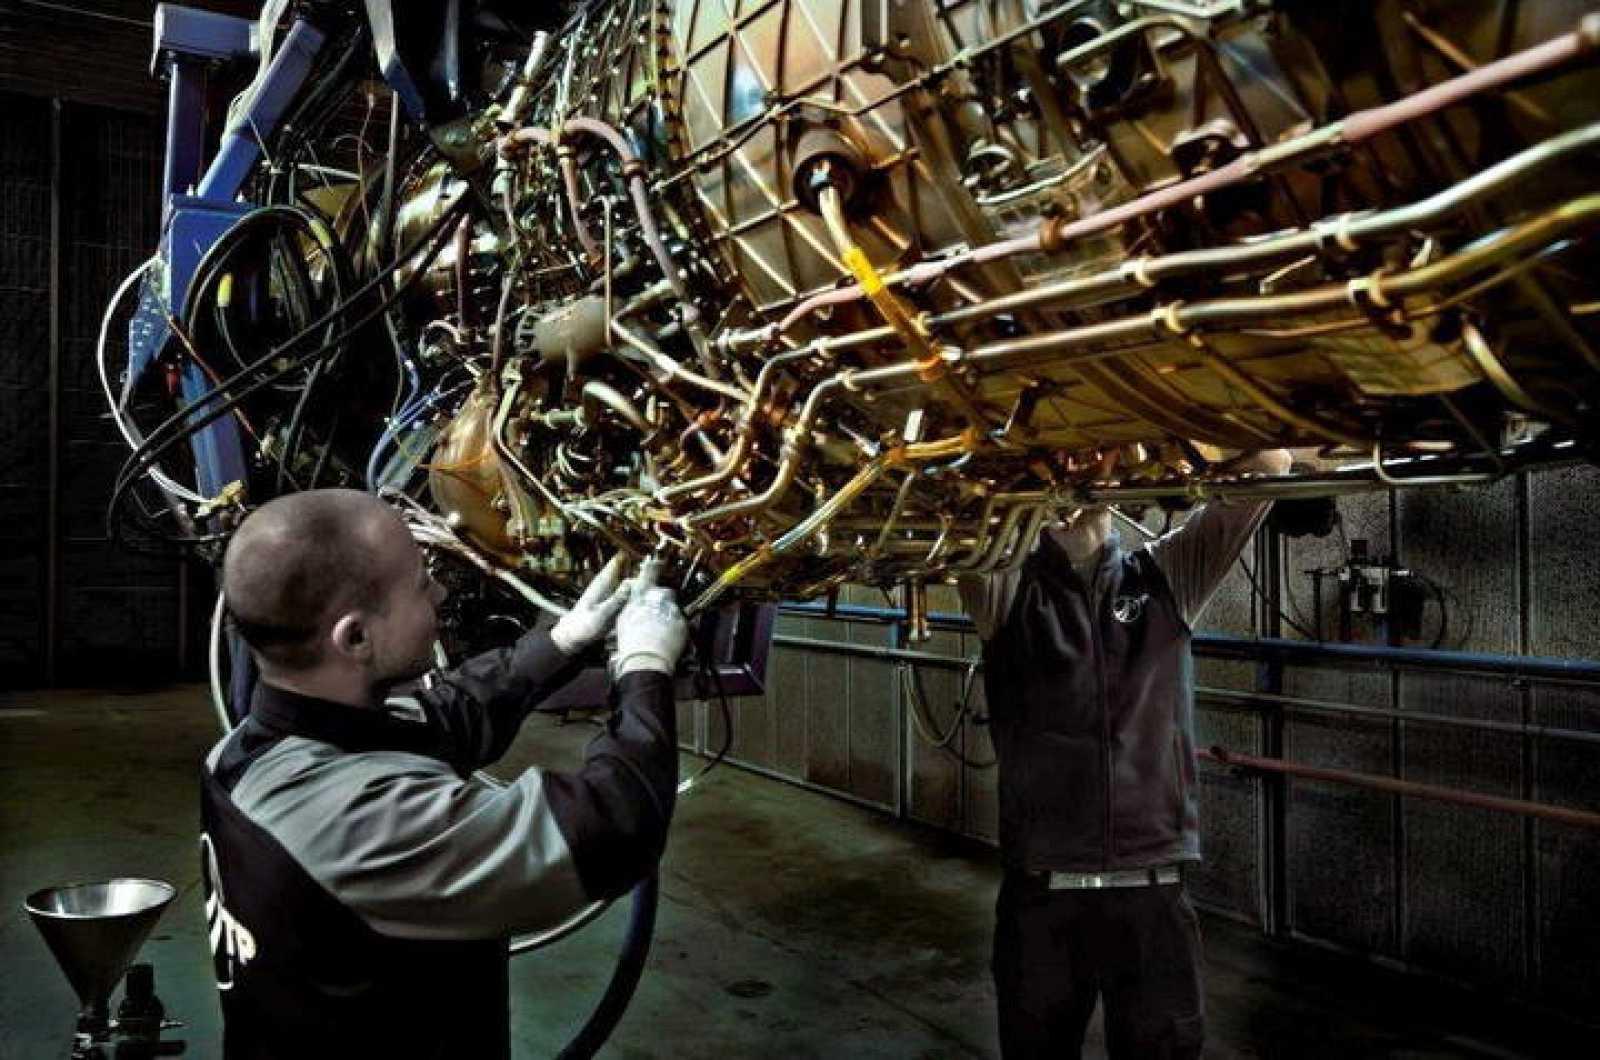 Banco de pruebas que la empresa Industria de Turbo Propulsores (ITP) tiene en Ajalvir, Madrid